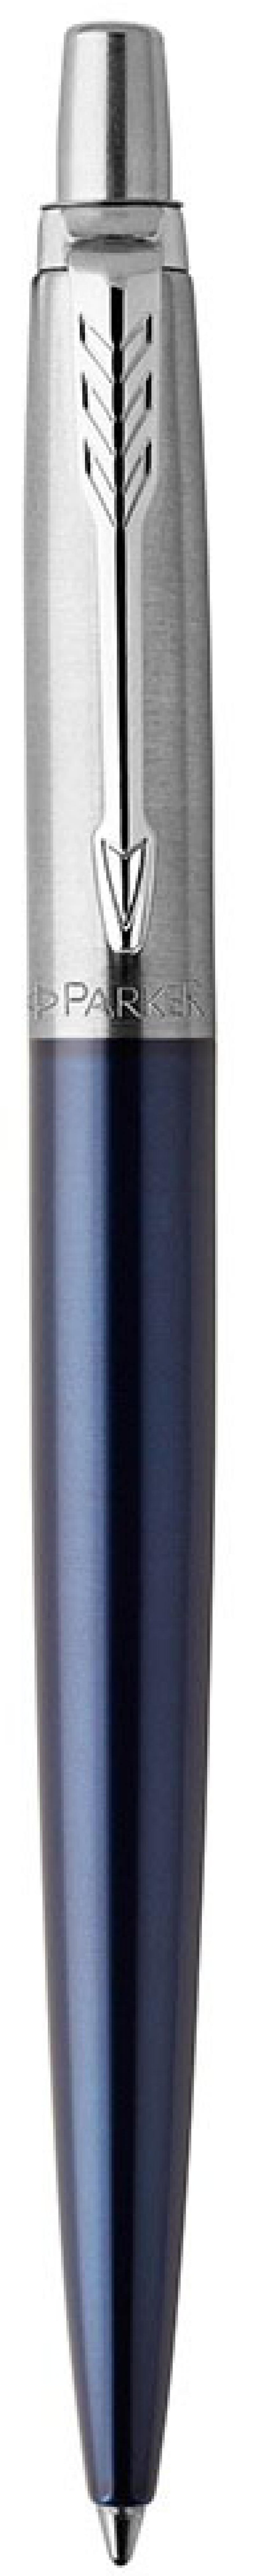 Шариковая ручка Parker Jotter Essential, Royal Blue CT 1953186 синий M шариковая ручка parker jotter цвет красный 1005109